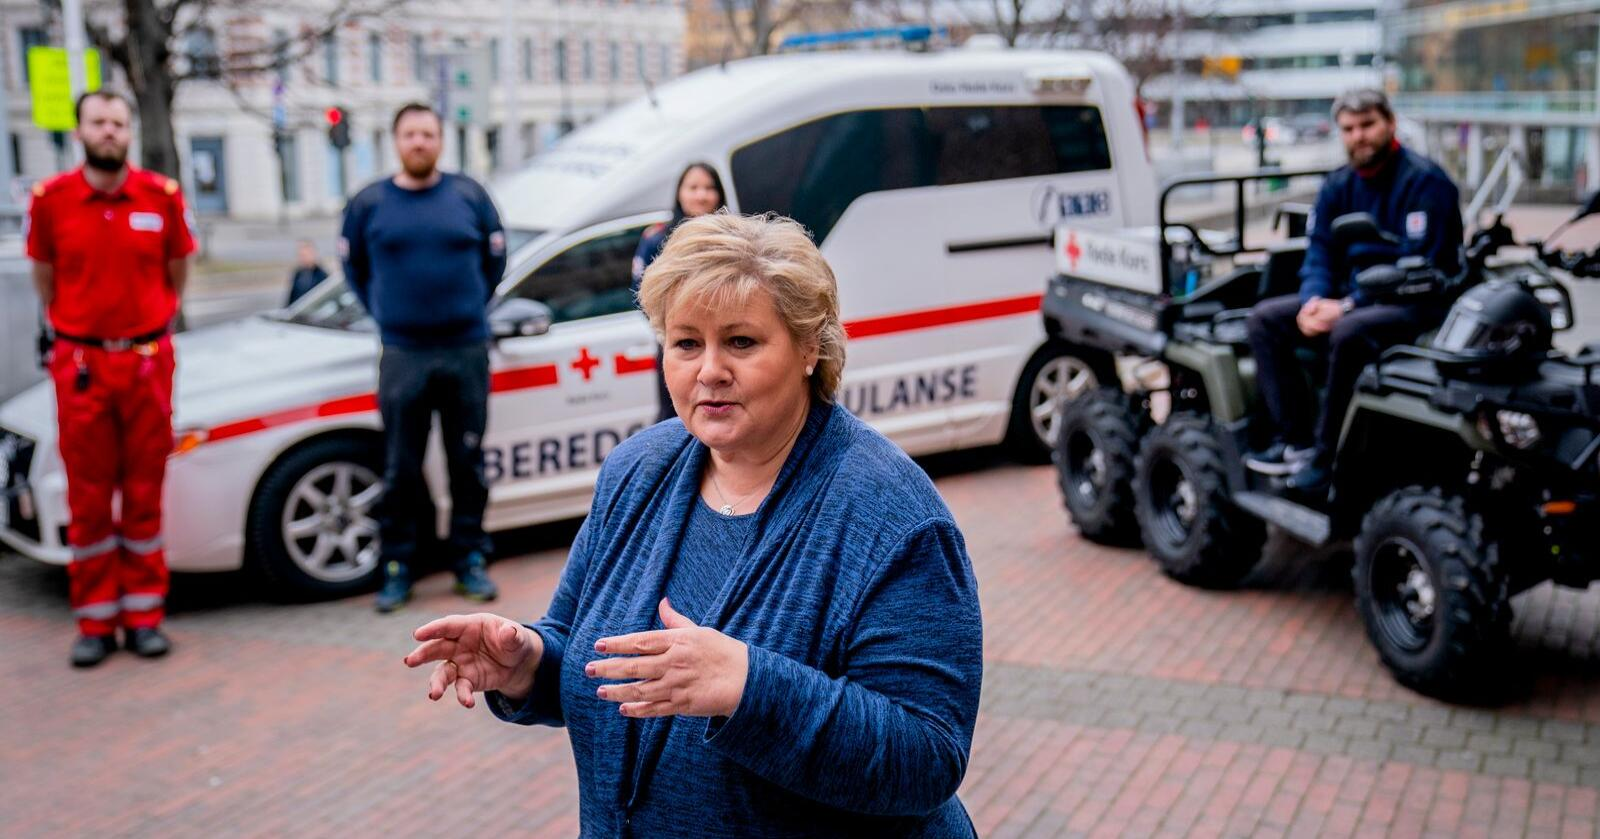 Statsminister Erna Solberg (H) har vært veldig synlig den siste måneden. Foto: Stian Lysberg Solum / NTB scanpix